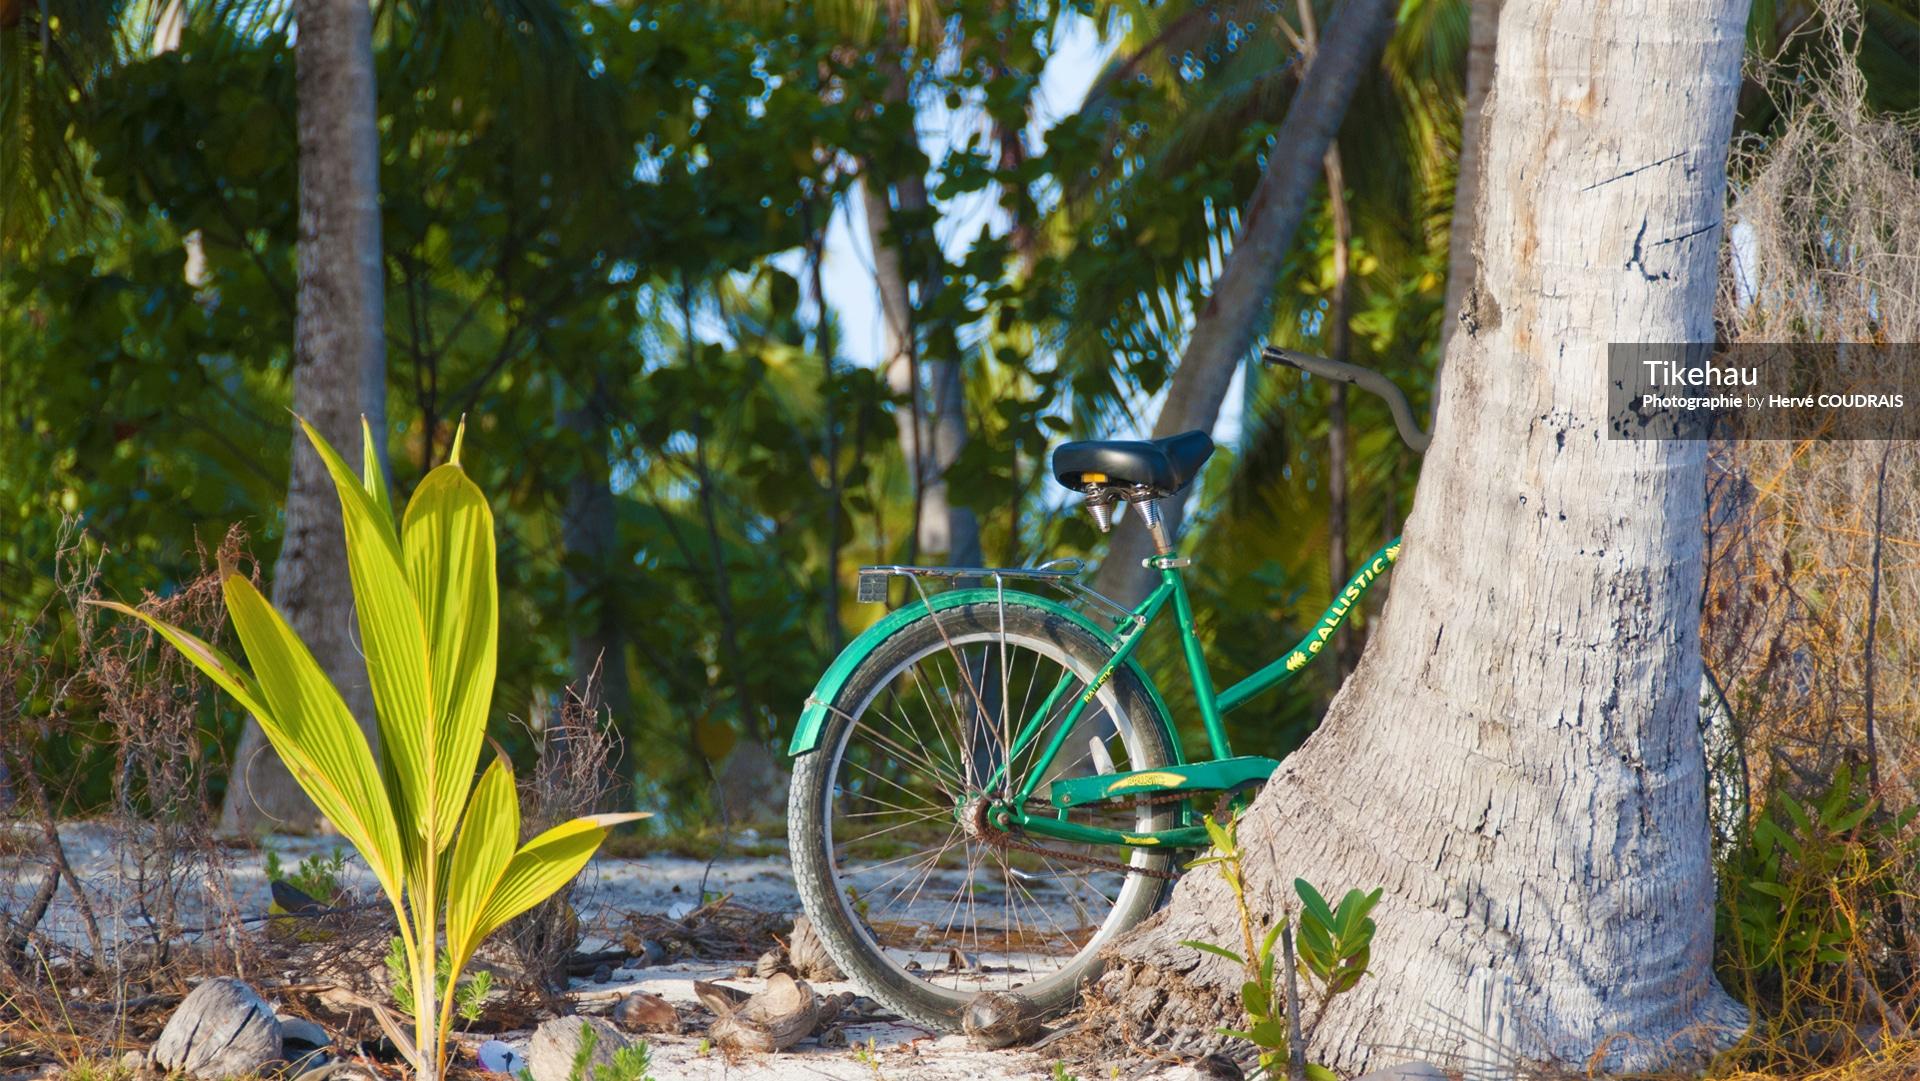 Tikehau, Atoll des Tuamotu, Polynésie, cocotiers, photographie Hervé Coudrais, Polynésie française,